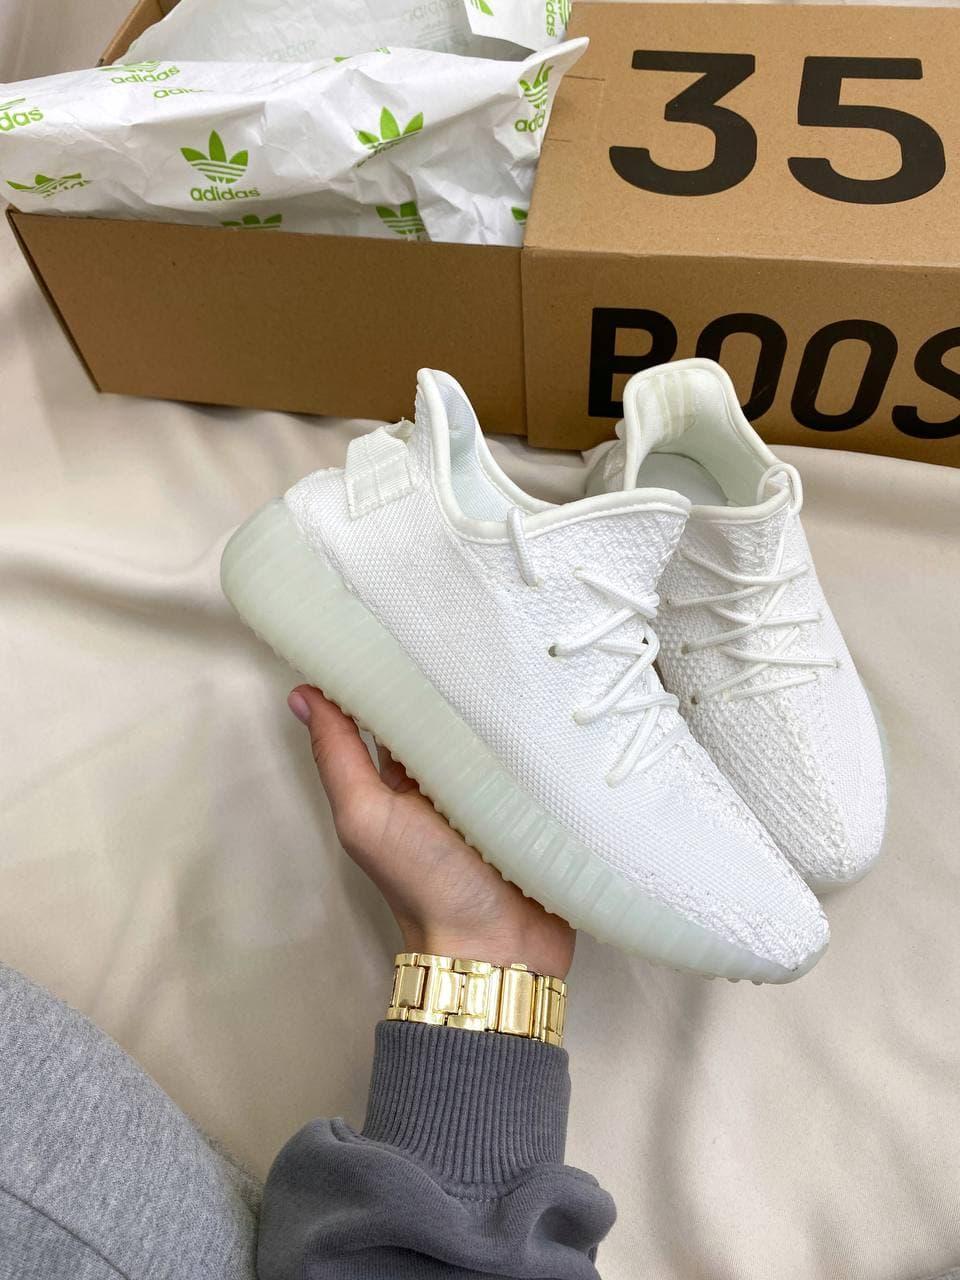 Чоловічі кросівки Adidas Yeezy Boost 350 (білі) YE031 легкі літні кроси